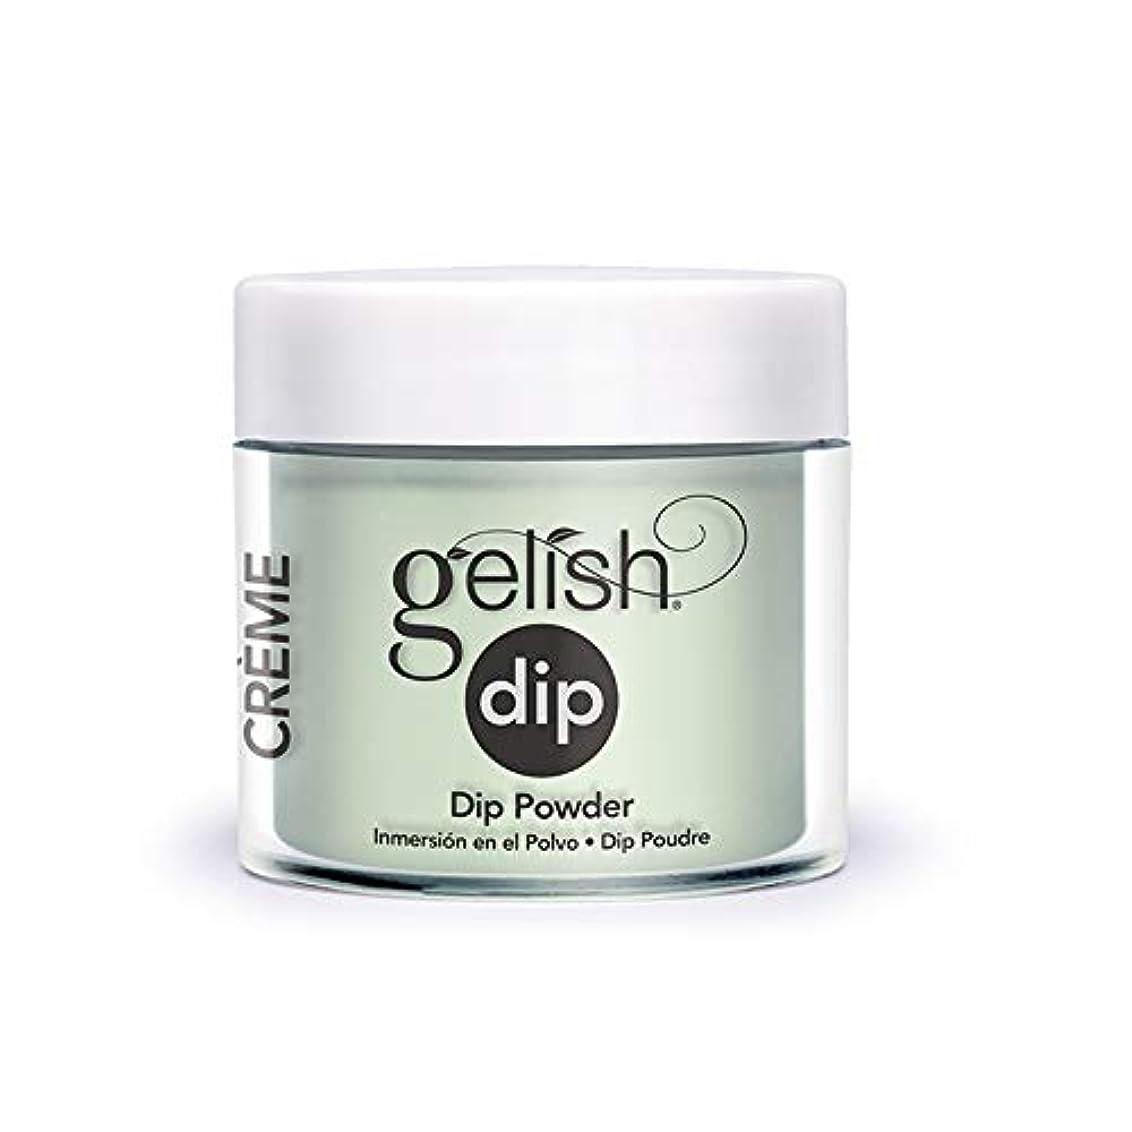 ジェームズダイソン広げる検索エンジンマーケティングHarmony Gelish - Acrylic Dip Powder - Mint Chocolate Chip - 23g / 0.8oz